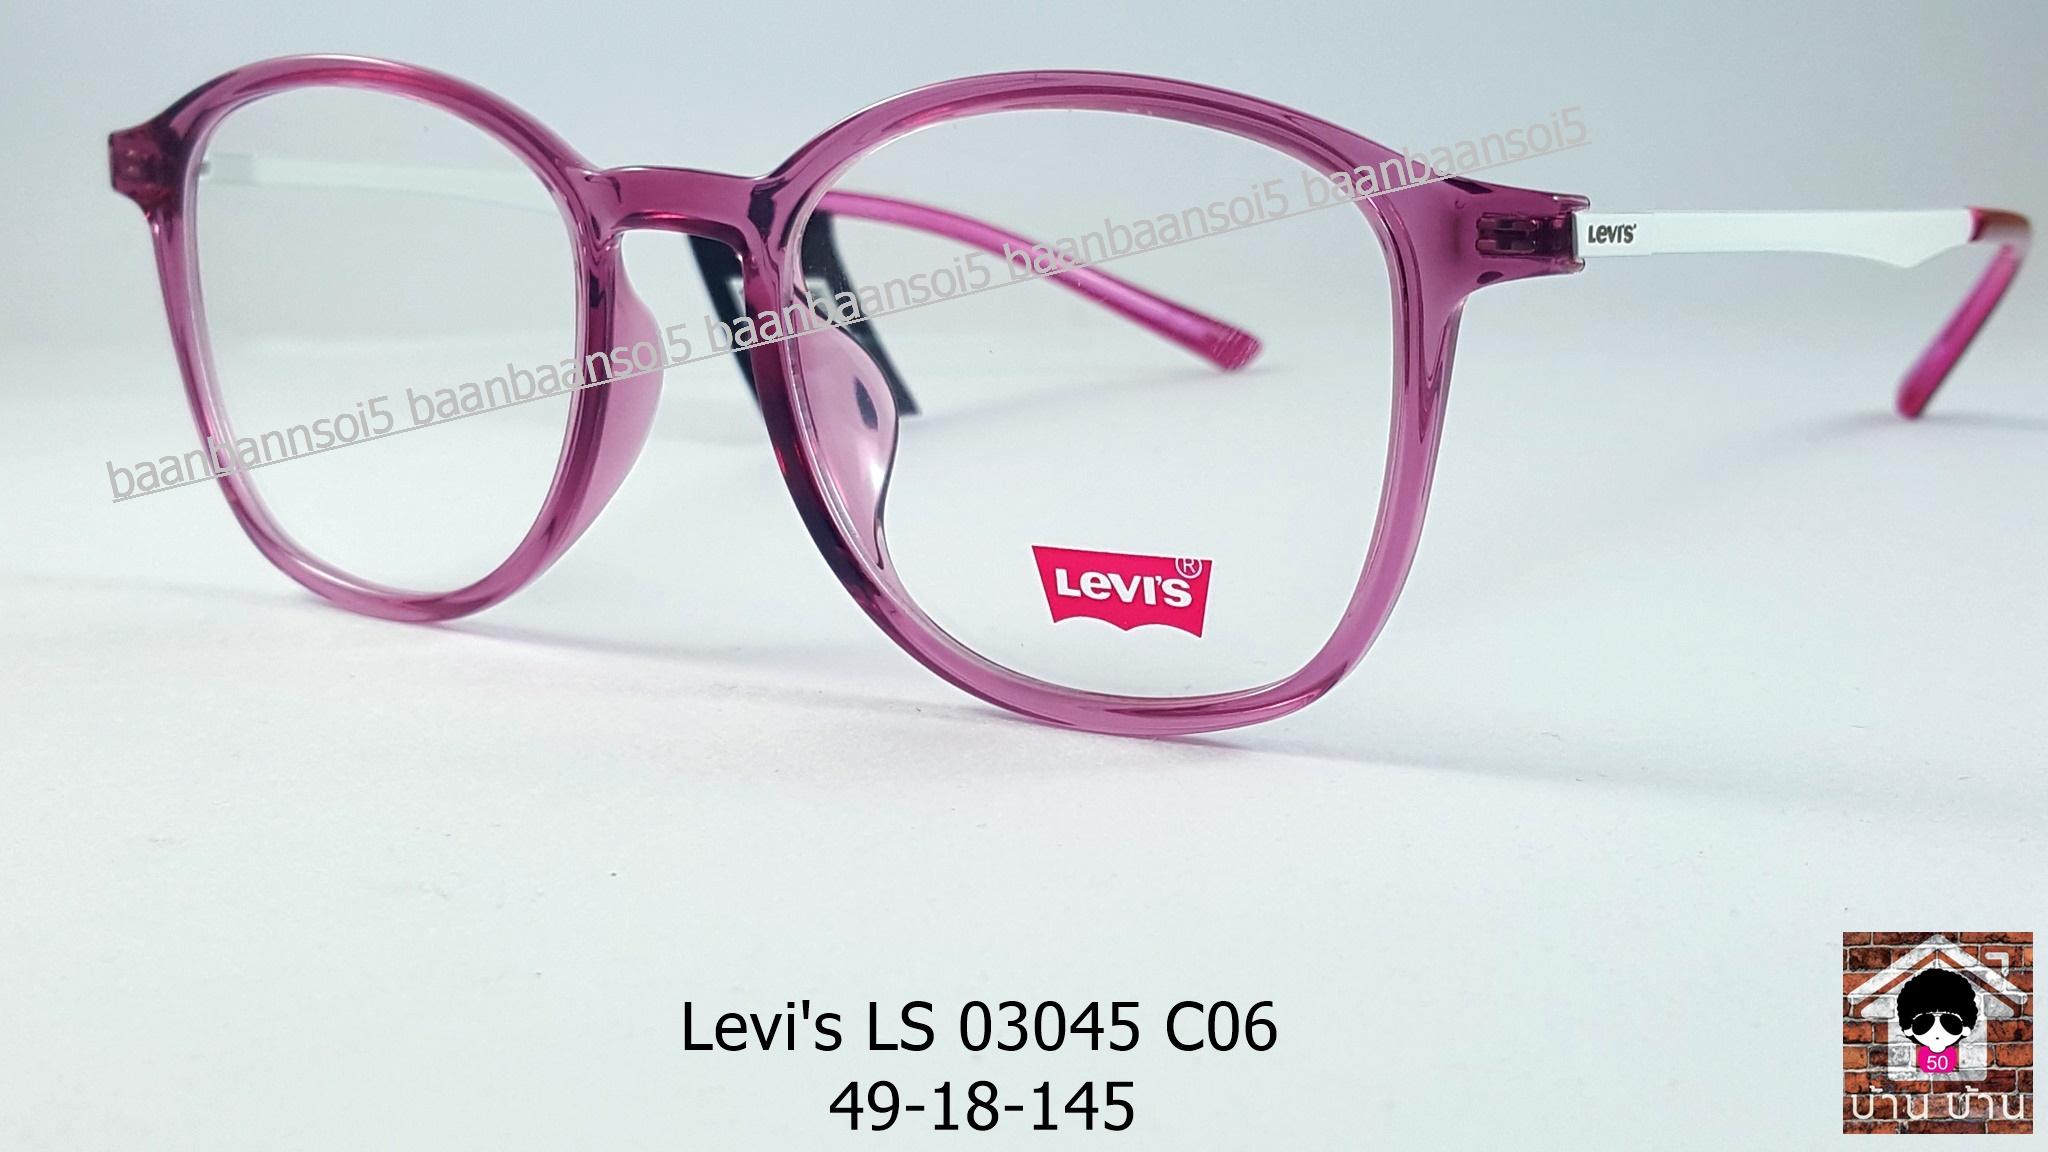 Levi's LS 03045 c06 โปรโมชั่น กรอบแว่นตาพร้อมเลนส์ HOYA ราคา 3,200 บาท